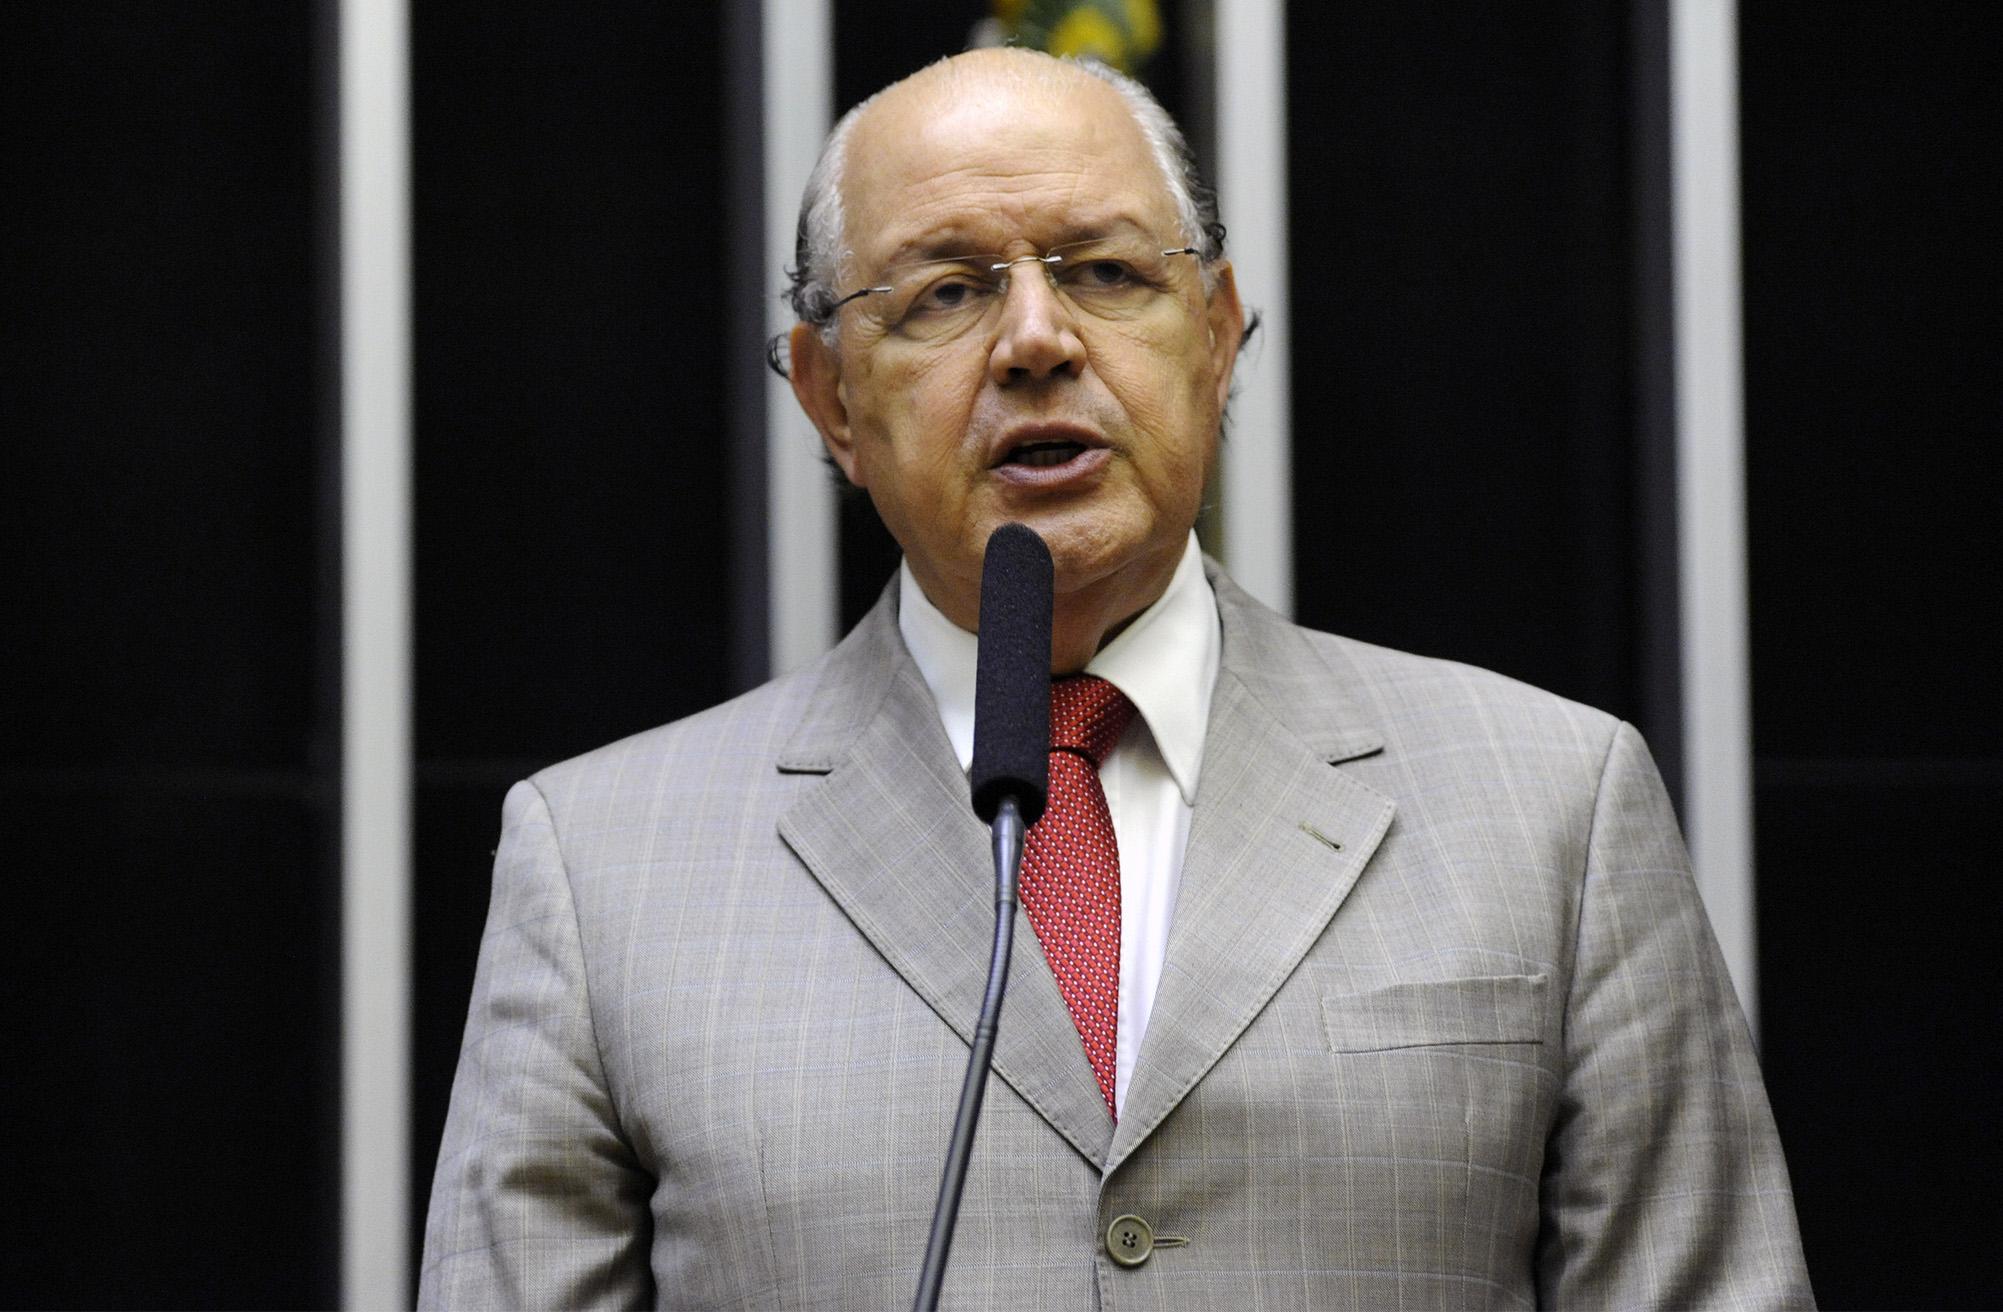 Ordem do dia para discussão e votação de diversos projetos. Dep. Luiz Carlos Hauly (PSDB - PR)